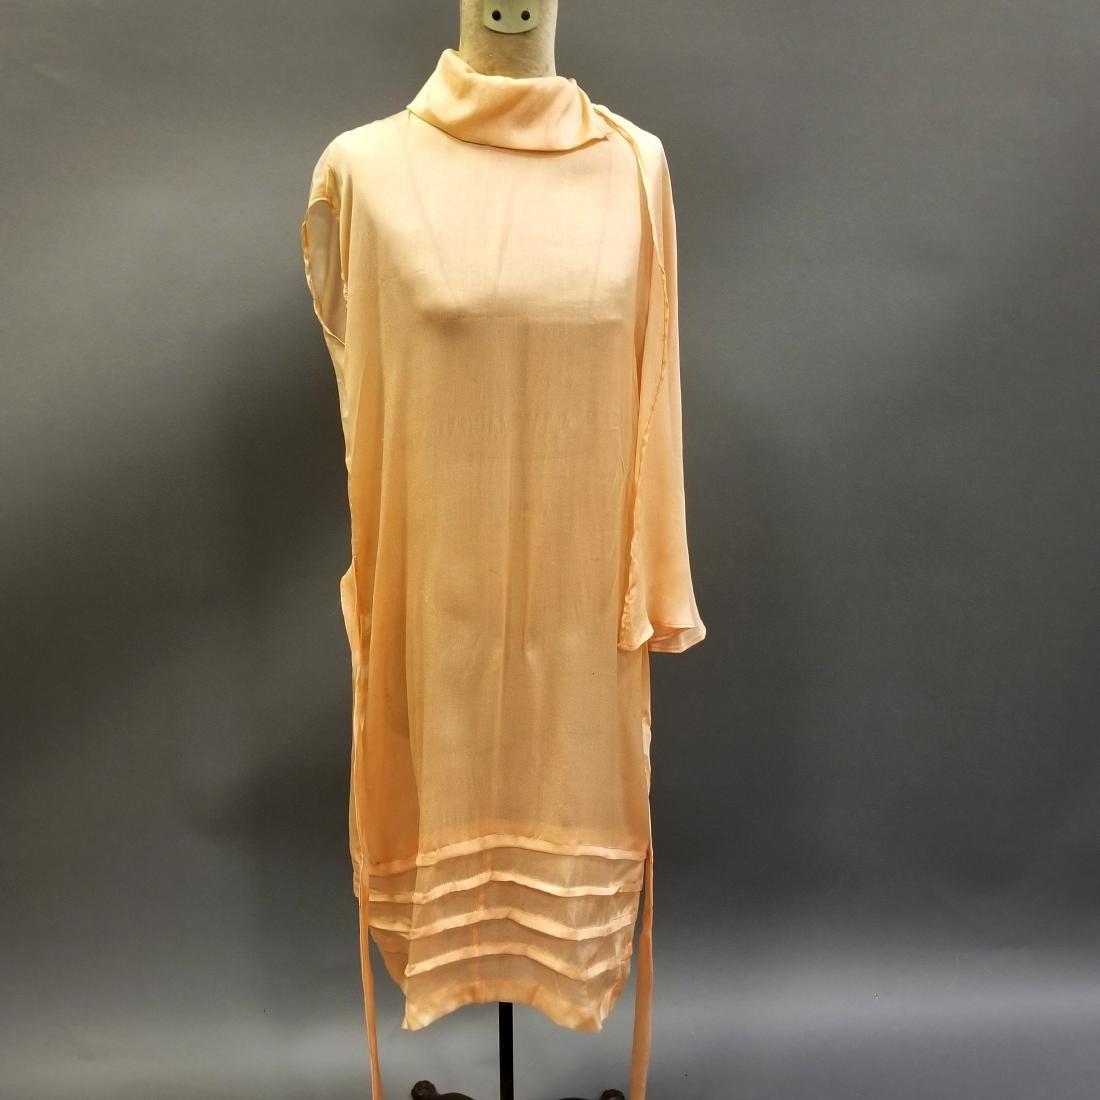 Youthful Peach Silk Dress